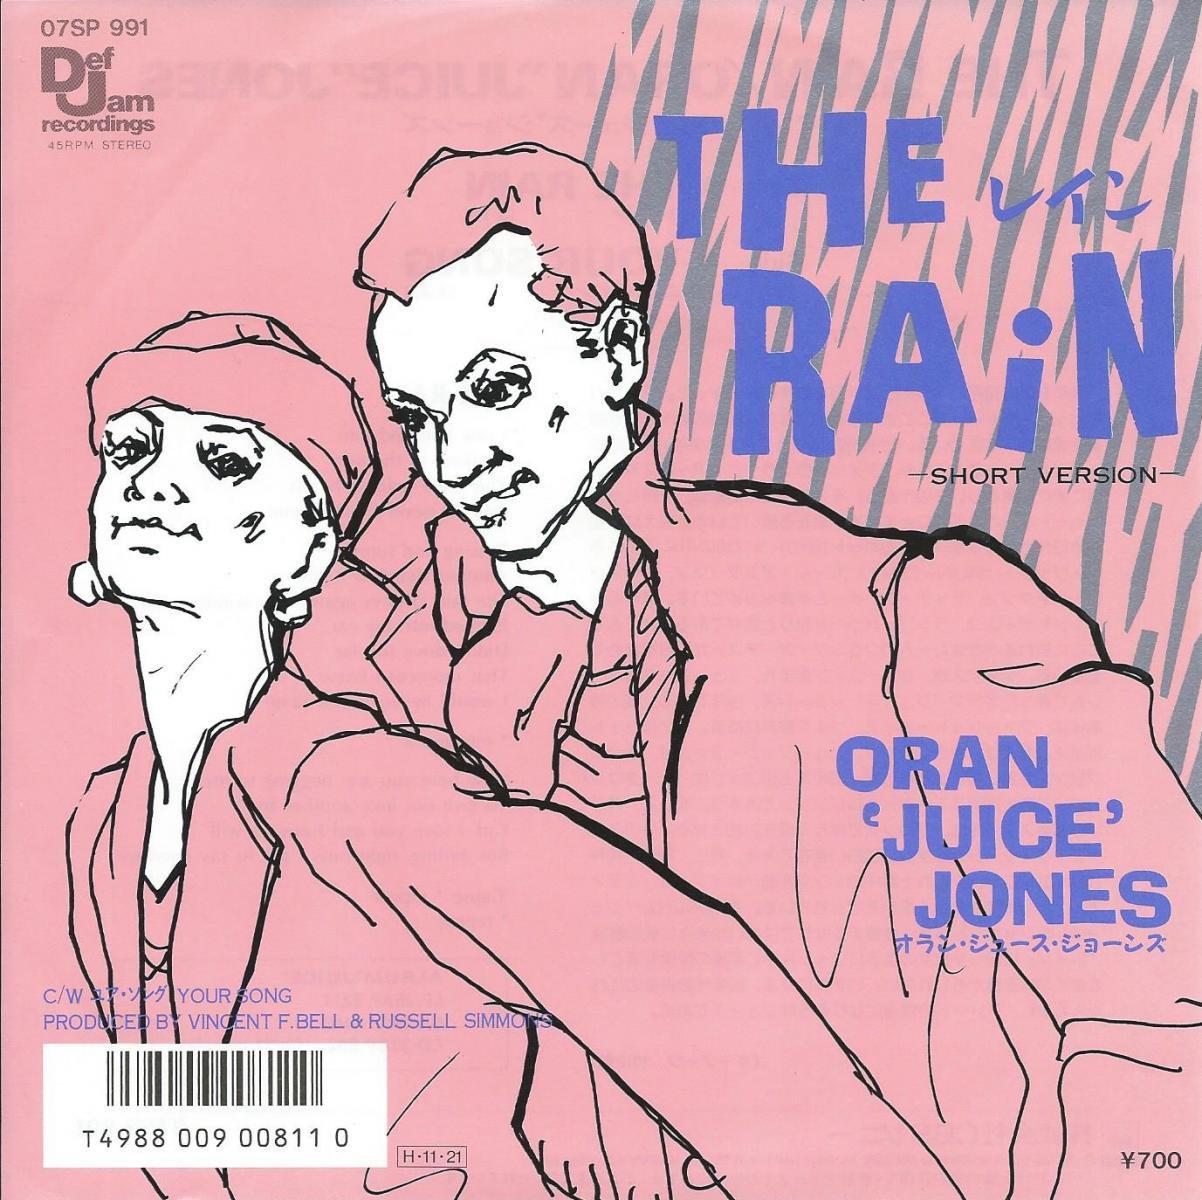 オラン・ジュース・ジョーンズ ORAN JUICE JONES / レイン THE RAIN (7